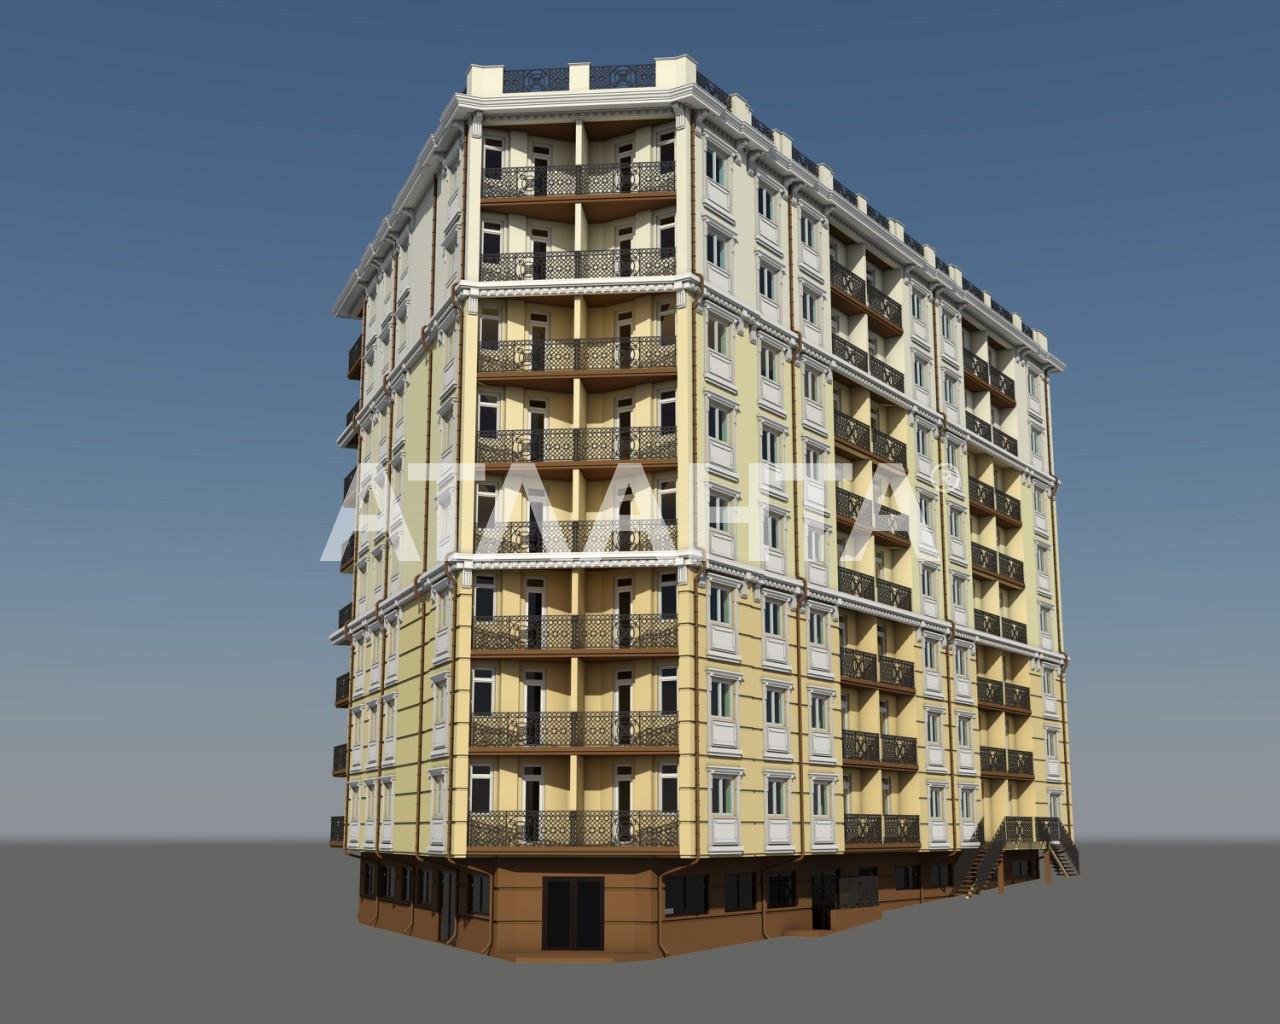 Продается 1-комнатная Квартира на ул. Новосельского (Островидова) — 45 770 у.е.